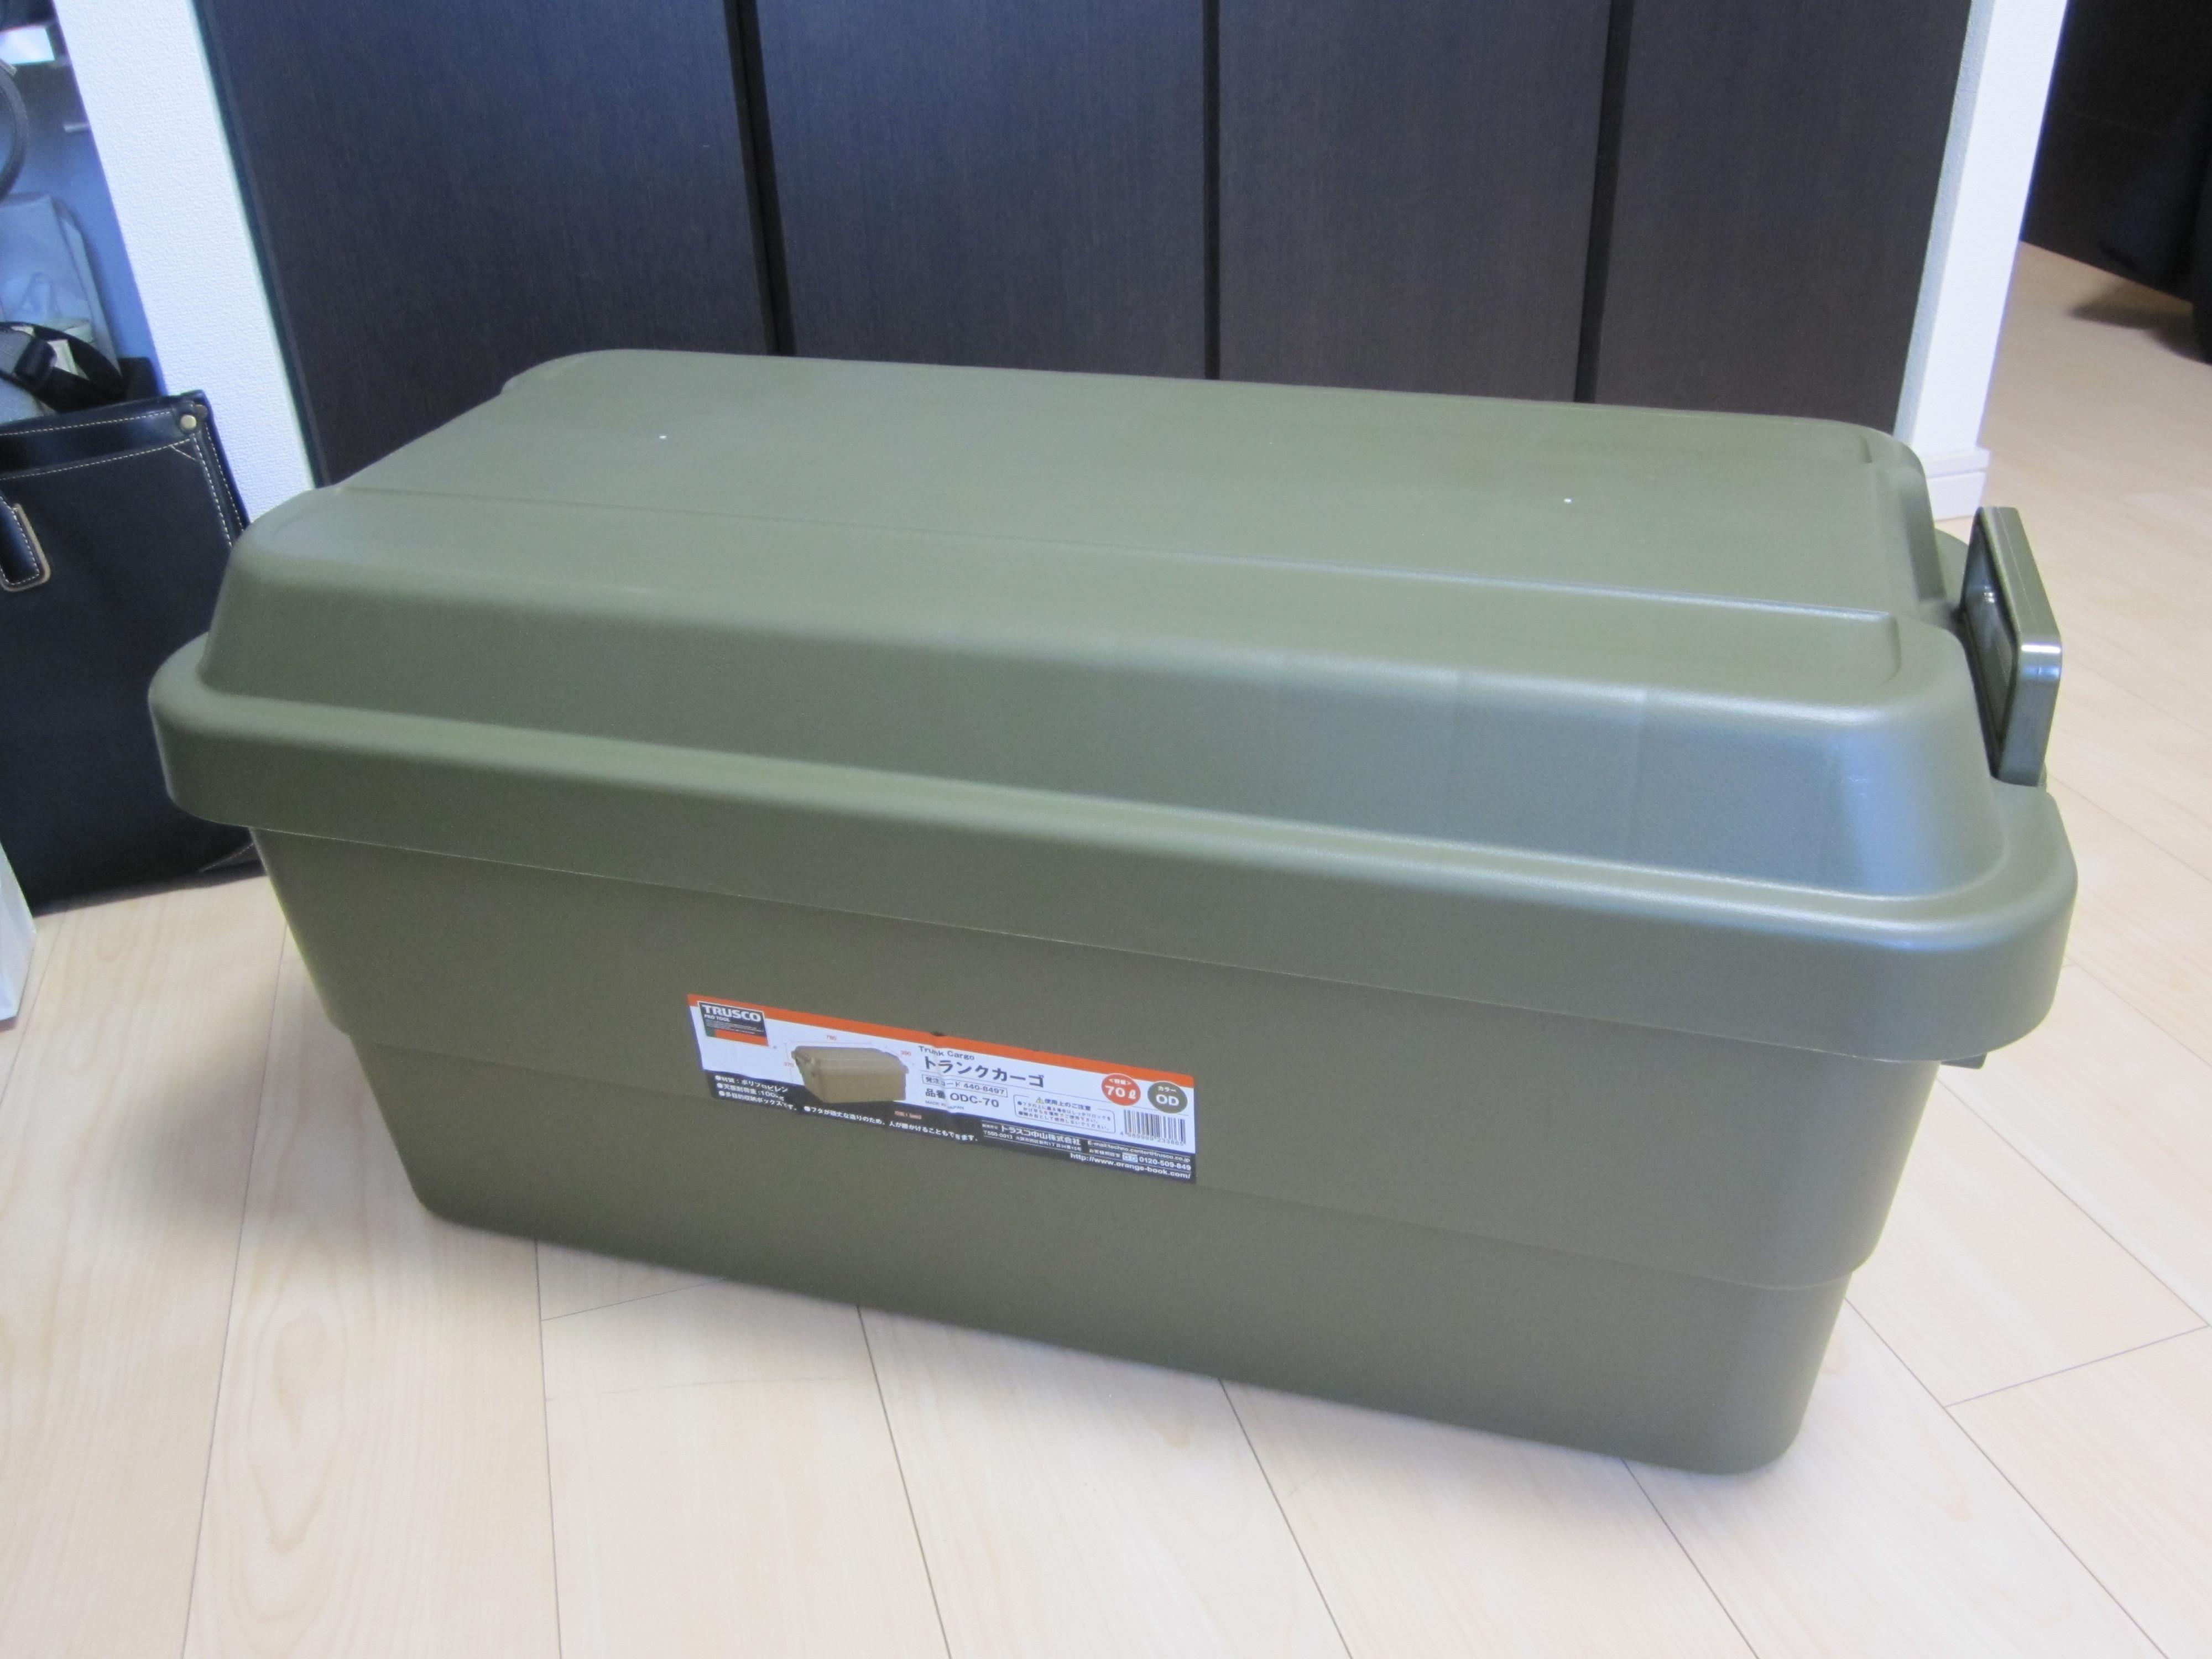 グリーンパルの新商品「頑丈トランクカーゴ620」はアーミーグリーンの男前インテリア風なカラーリングの樹脂製トランクボックスです。70リットルの大容量で、18~20  ...